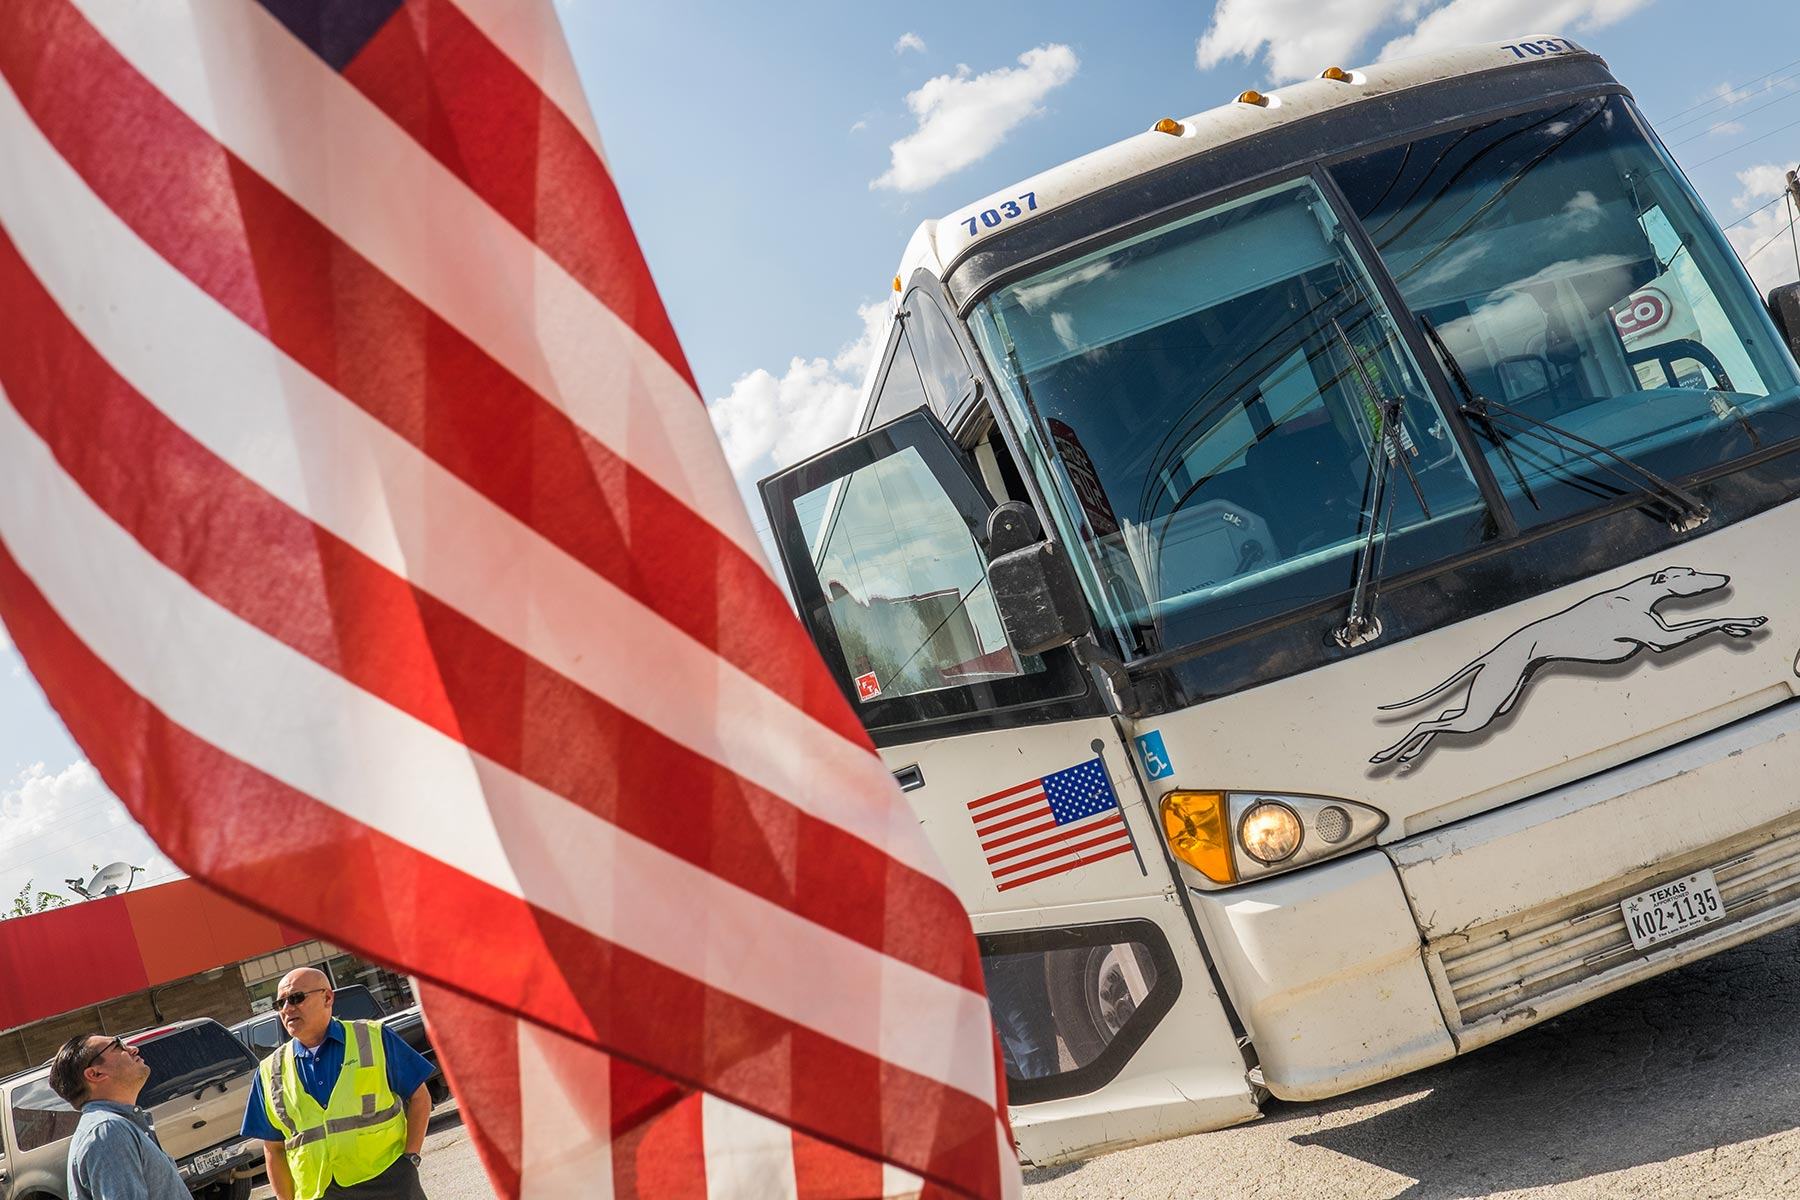 America by bus | Al Jazeera America